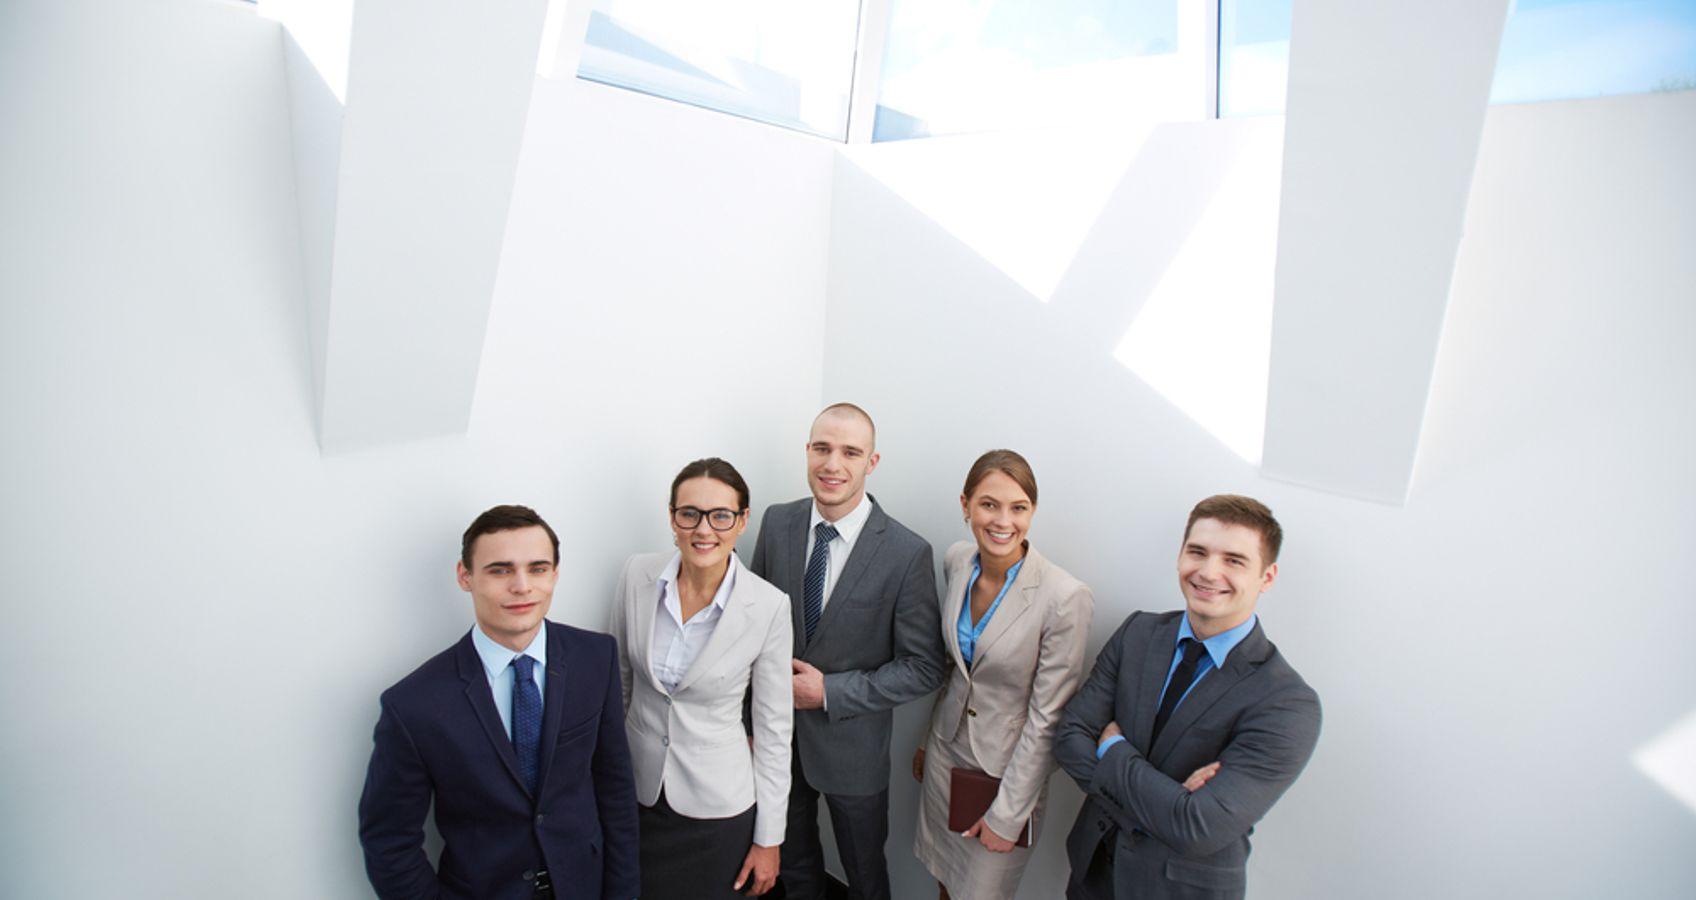 Cómo identificar, administrar y retener empleados de alto potencial: preguntas y respuestas con el Dr. Henryk Krajewski